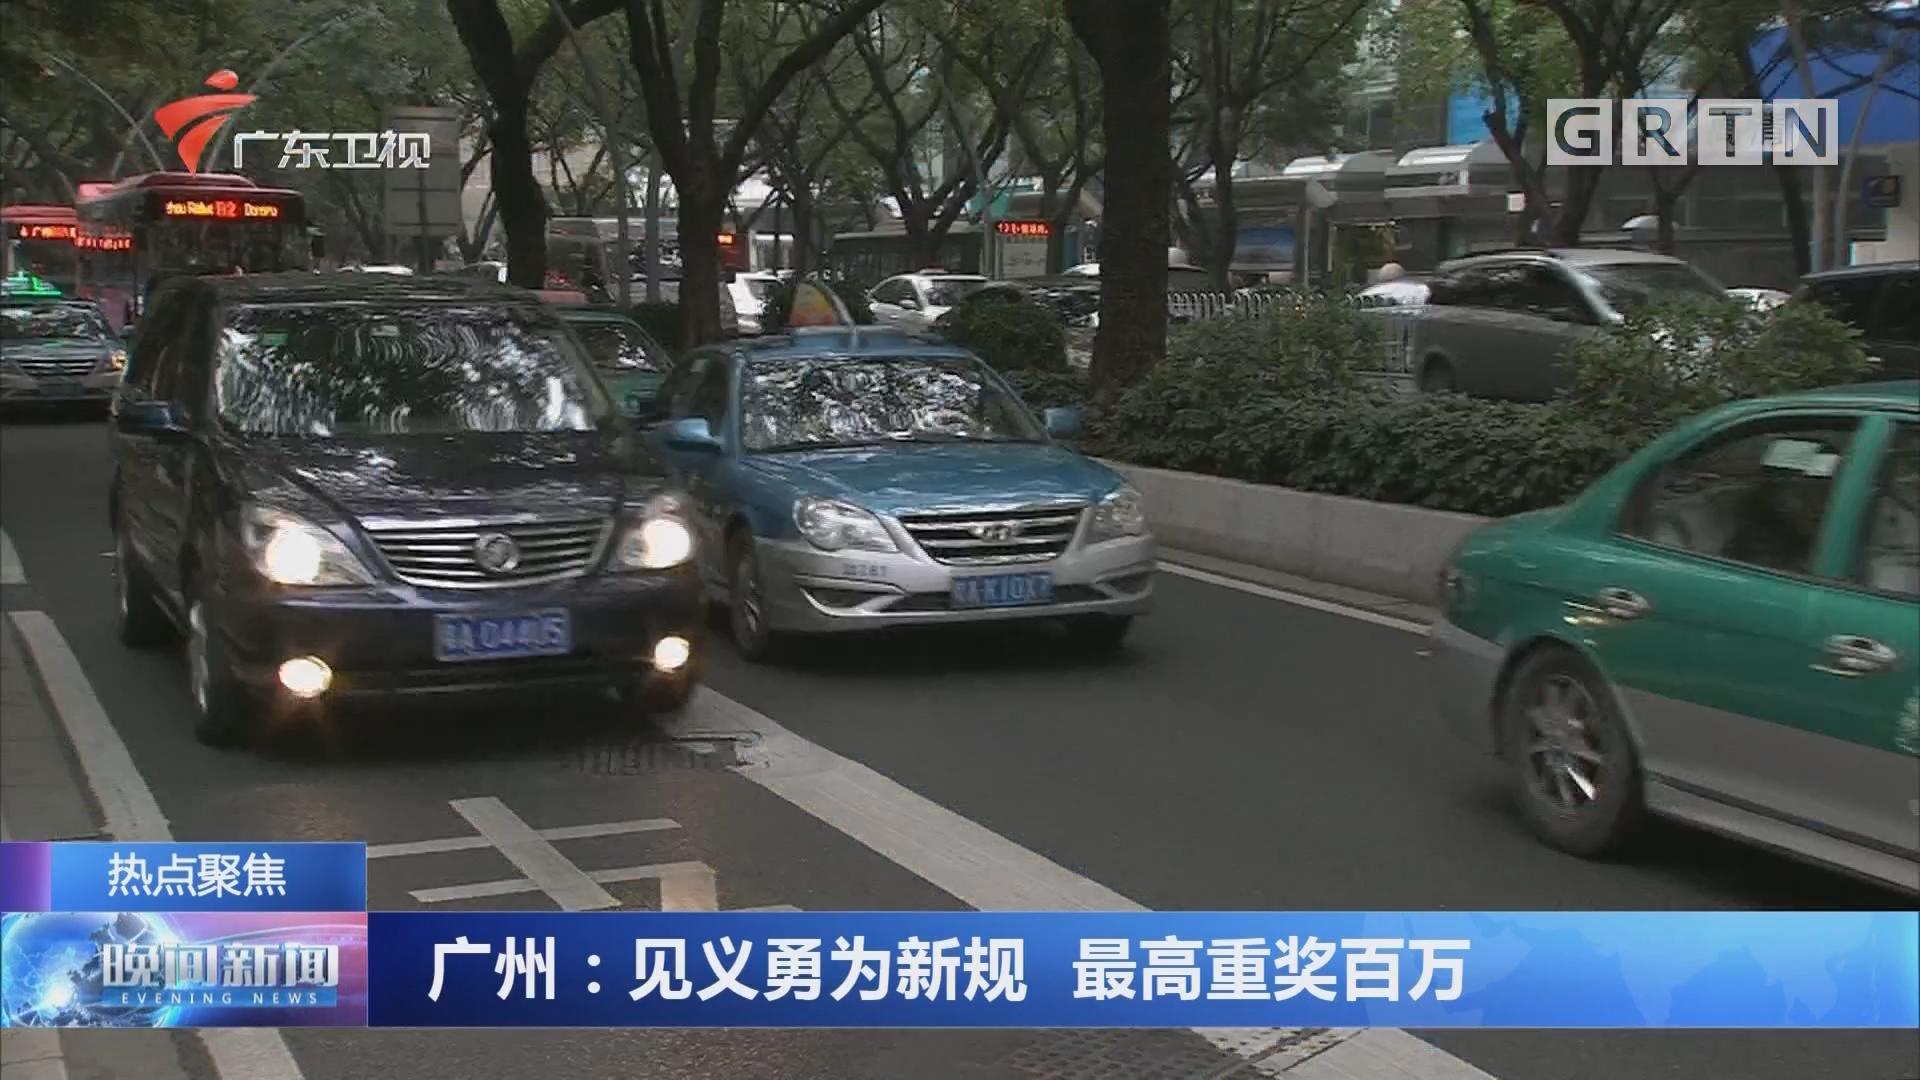 广州:见义勇为新规 最高重奖百万